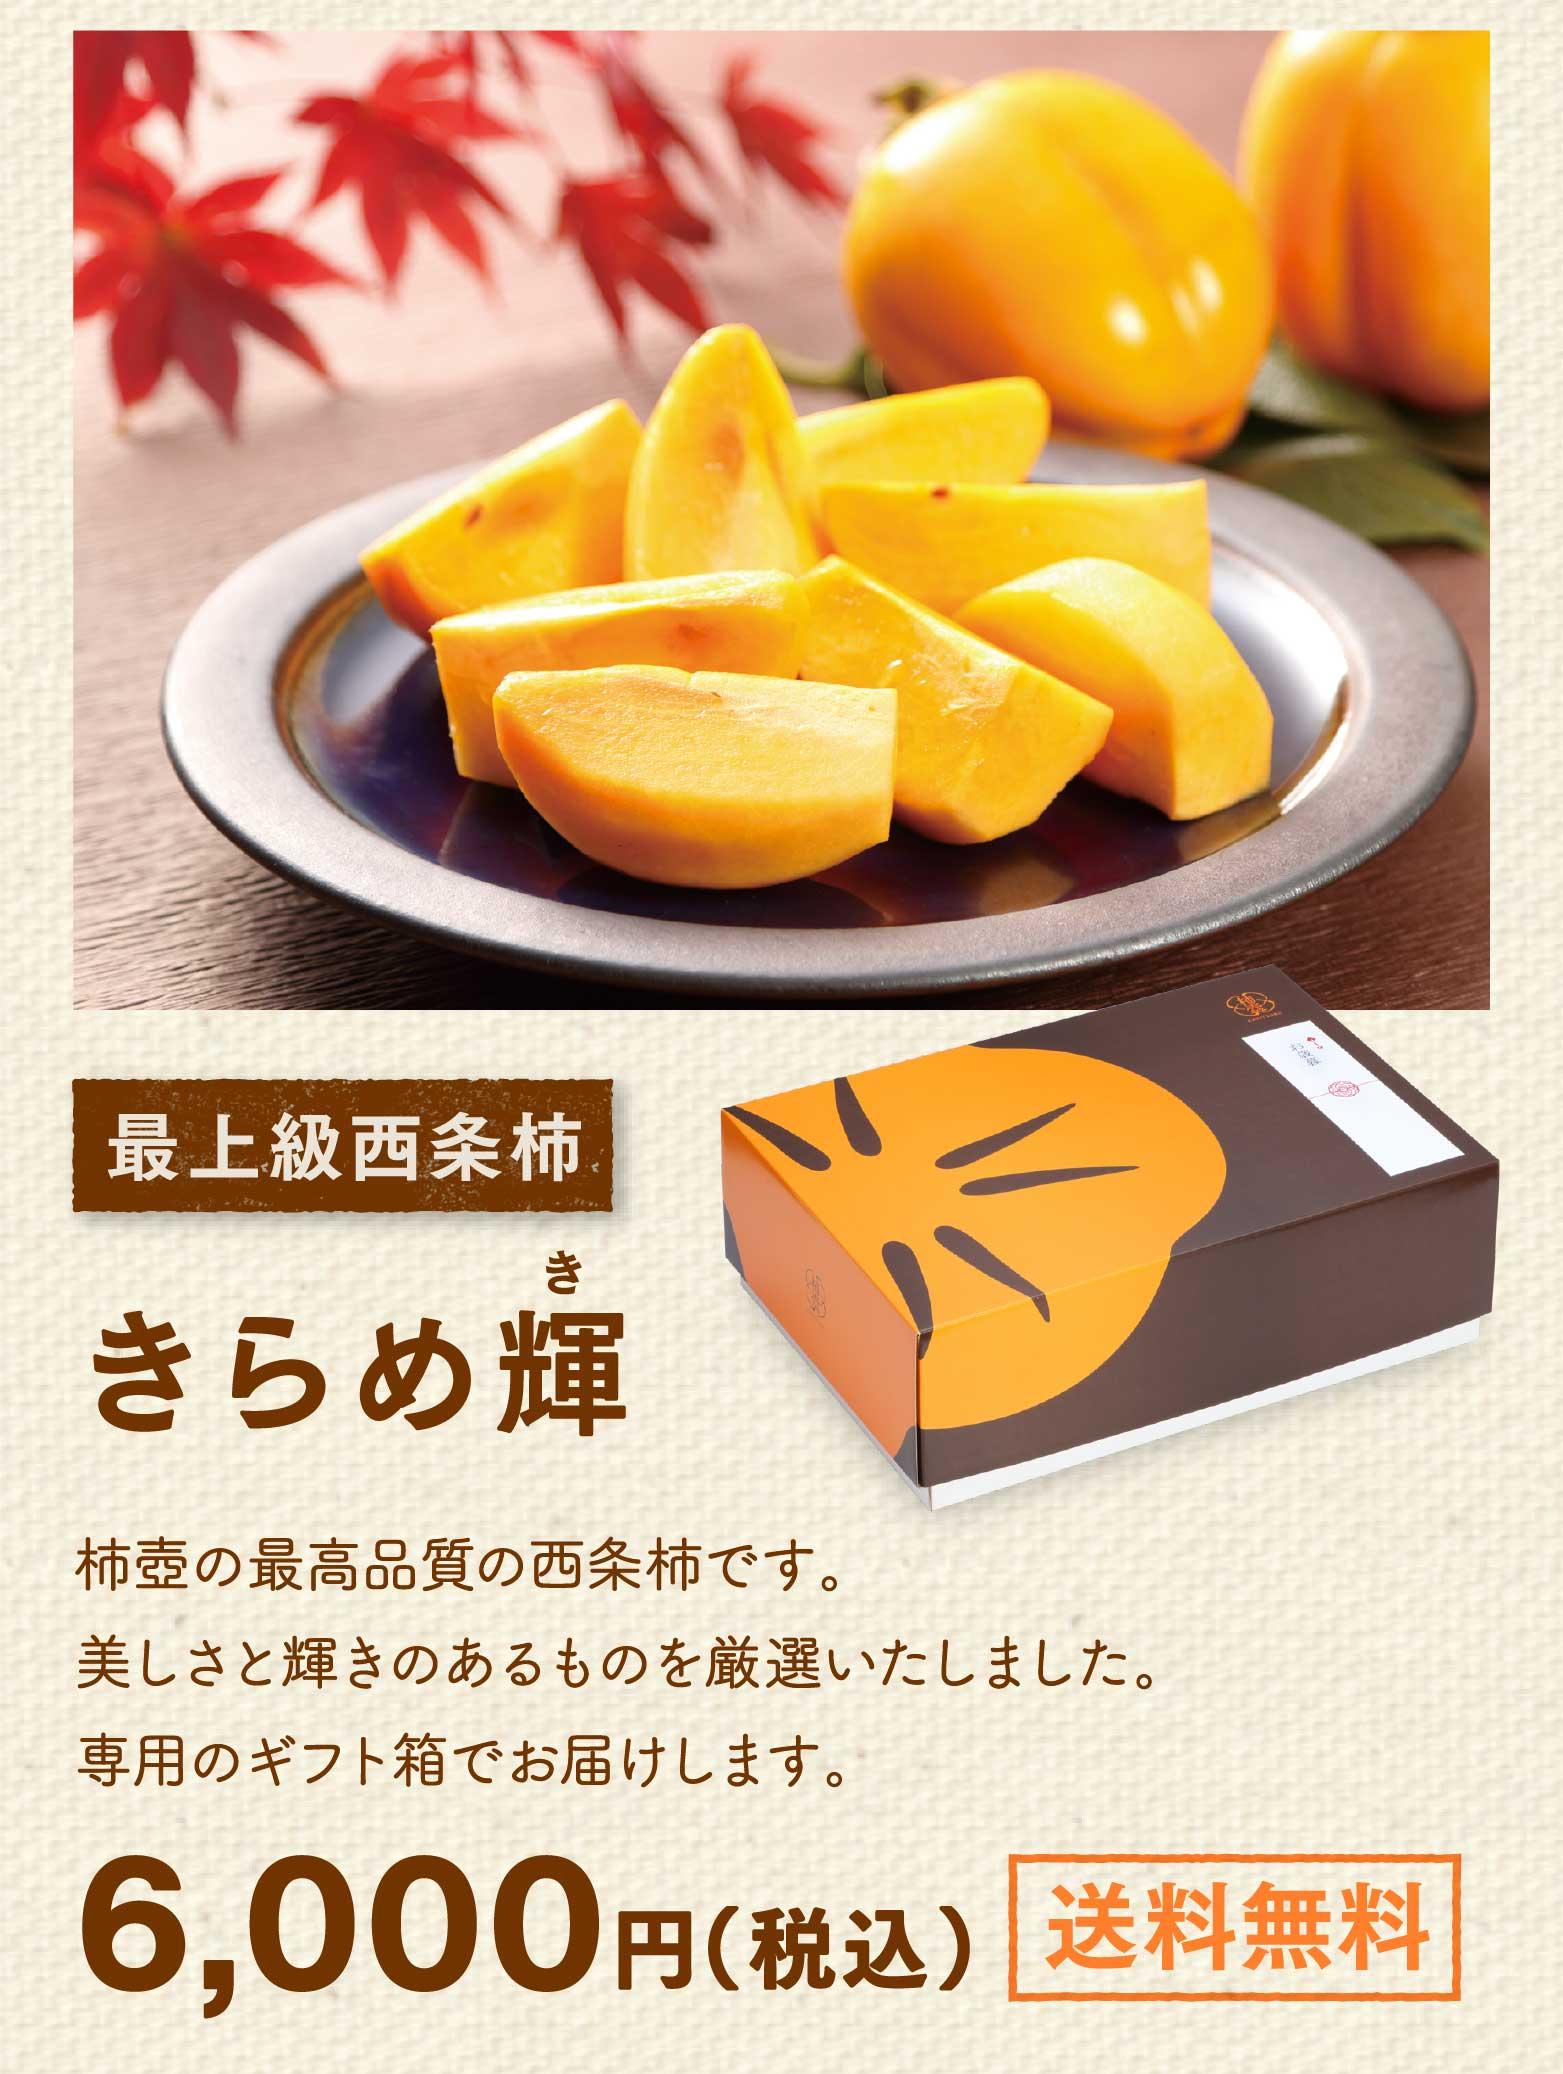 最上級西条柿きらめ輝。柿壺の最高品質の西条柿です。美しさと輝きのあるものを厳選いたしました。専用のギフト箱でお届けします。6,000円(税込)。送料無料。